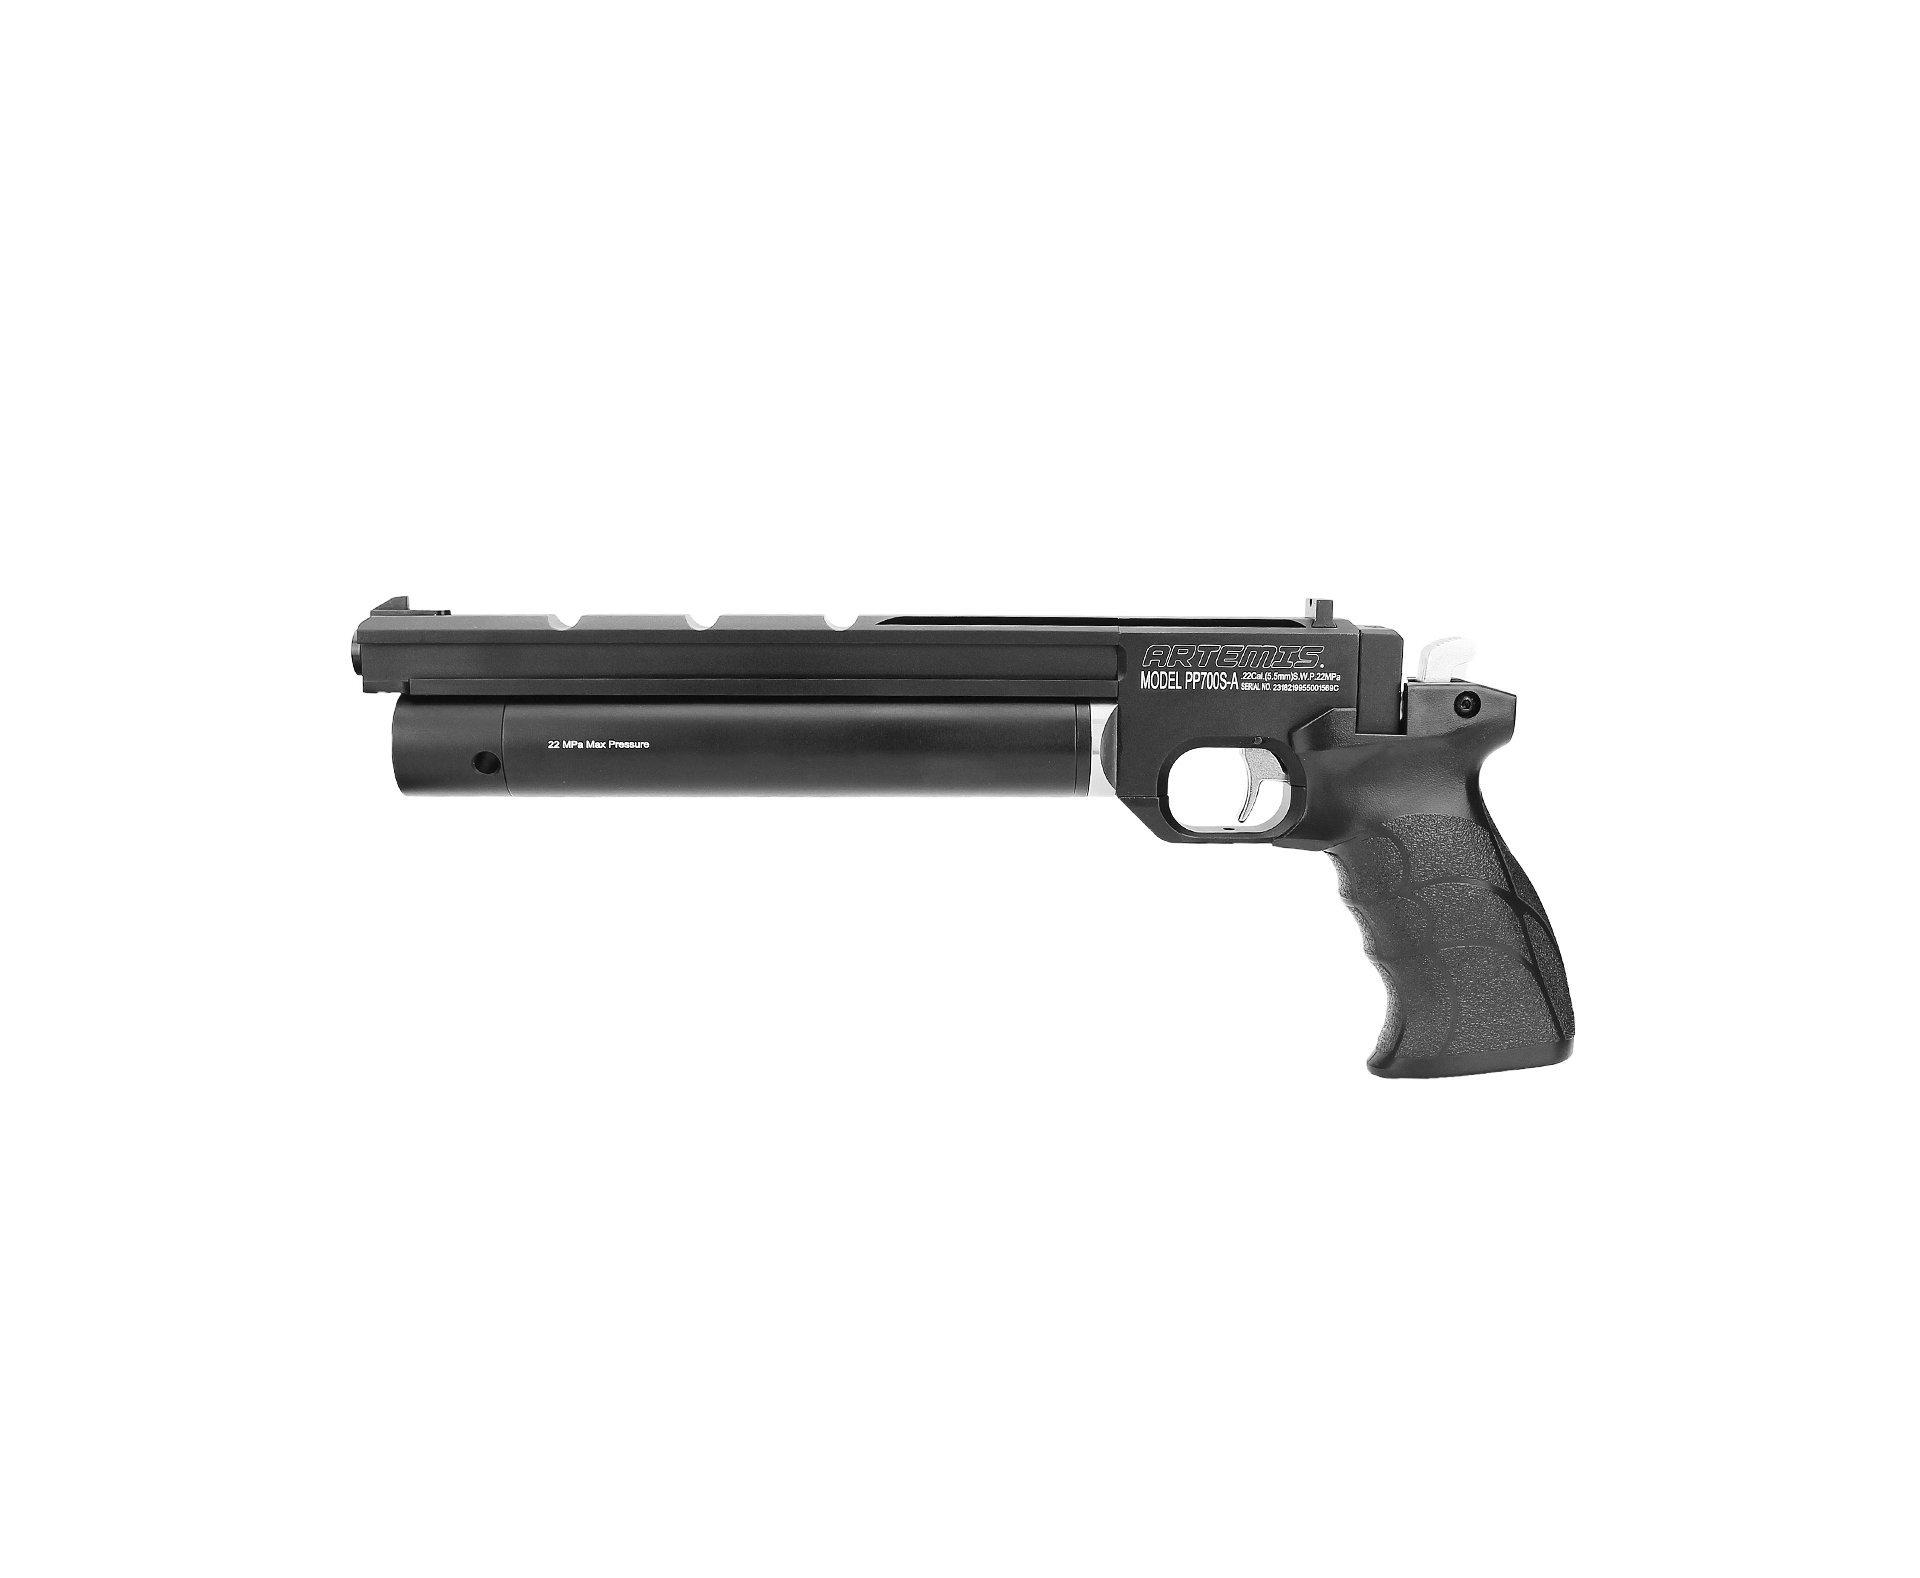 Pistola De Pressão Pcp Pp700s-a Olimpic 5.5mm Artemis